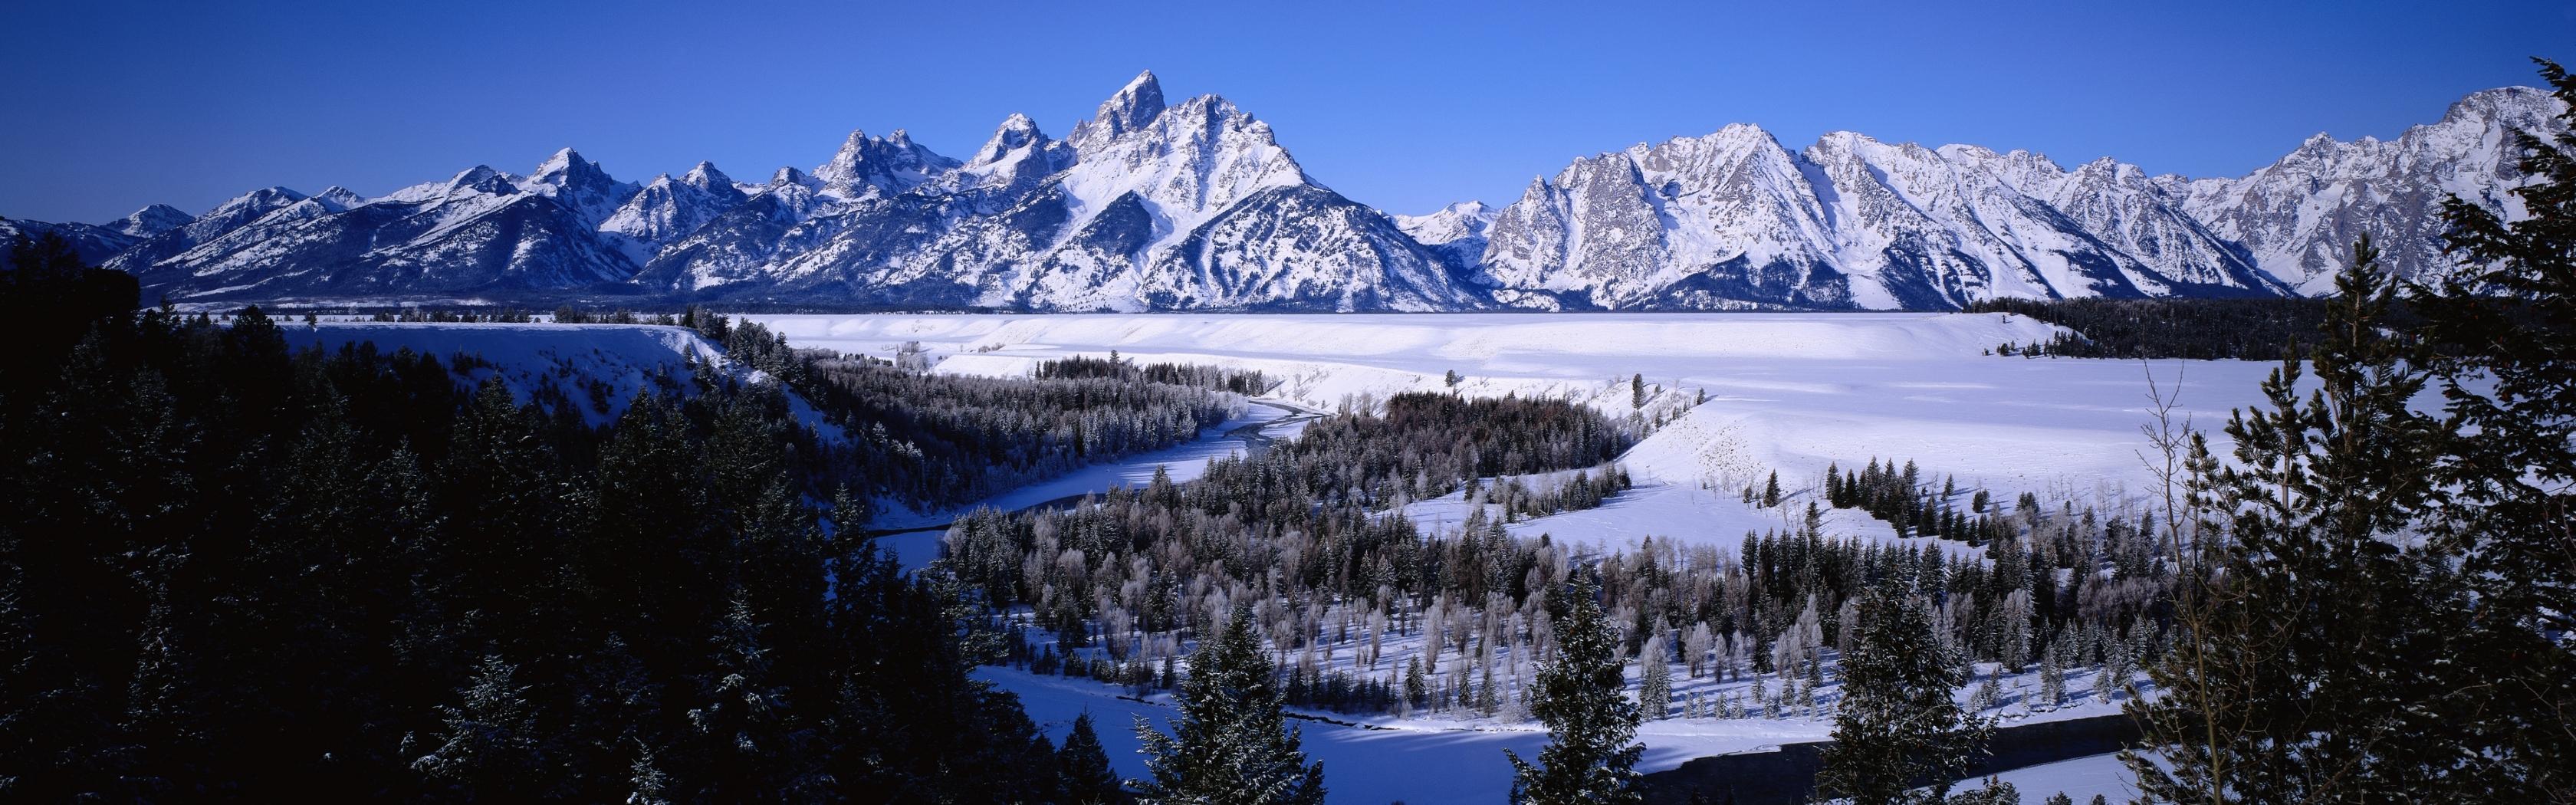 28796 скачать обои Пейзаж, Зима, Горы - заставки и картинки бесплатно